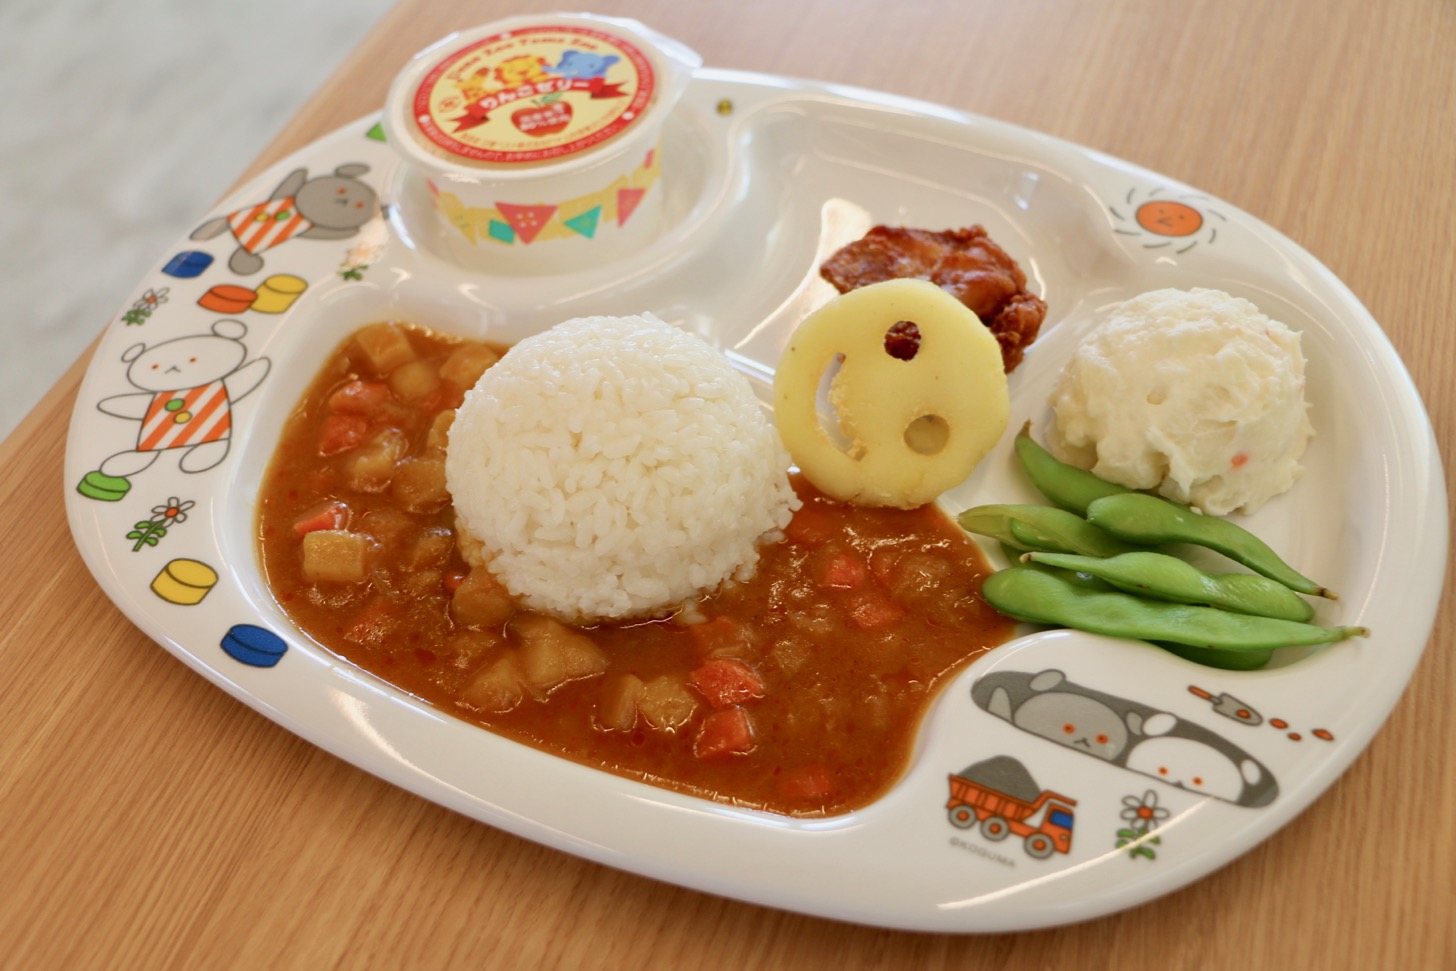 キッズランチカレー(500円税込)